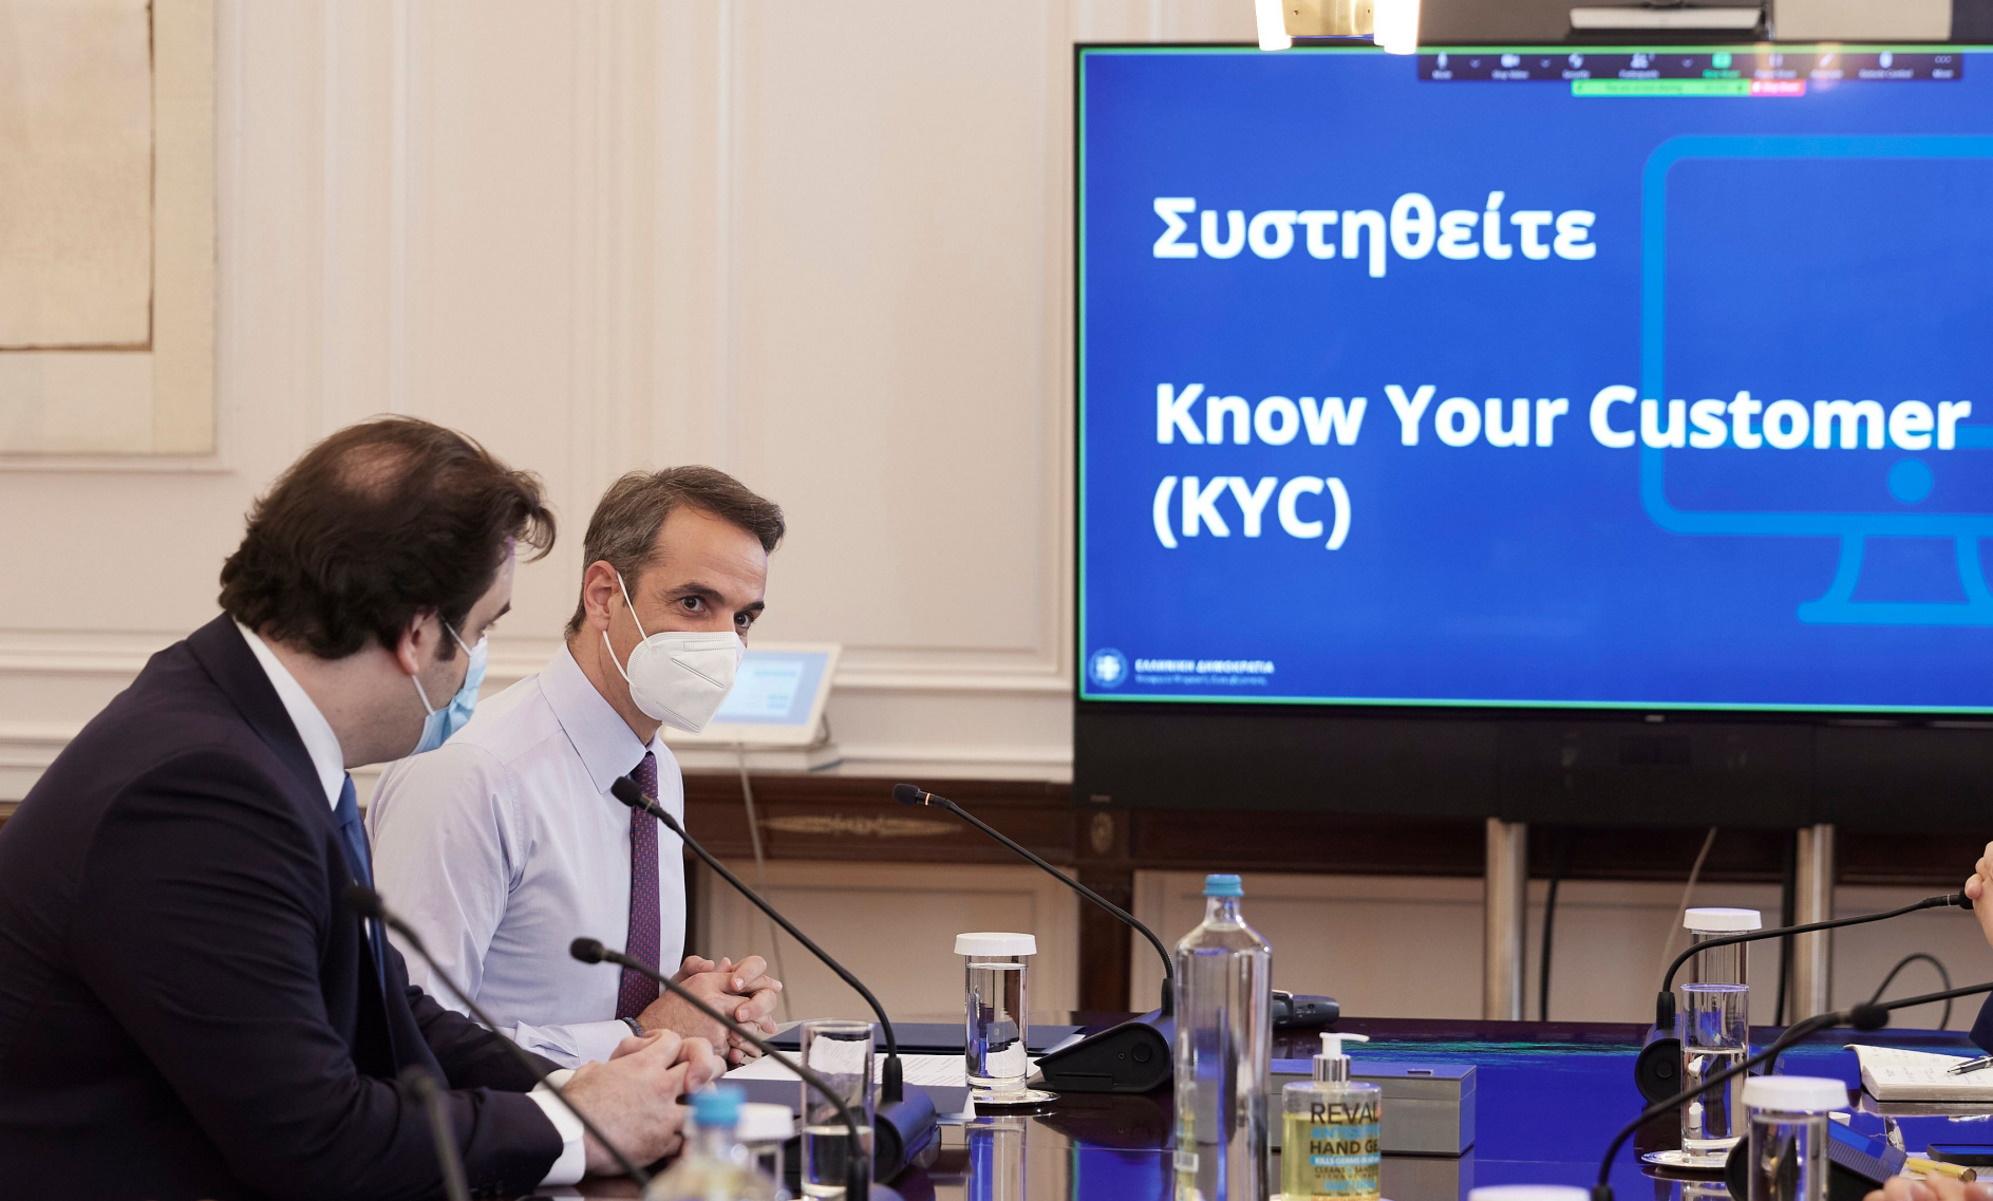 Μητσοτάκης: Η πλατφόρμα «Know your Customer» που βάζει τέλος στη γραφειοκρατία (pics, vid)